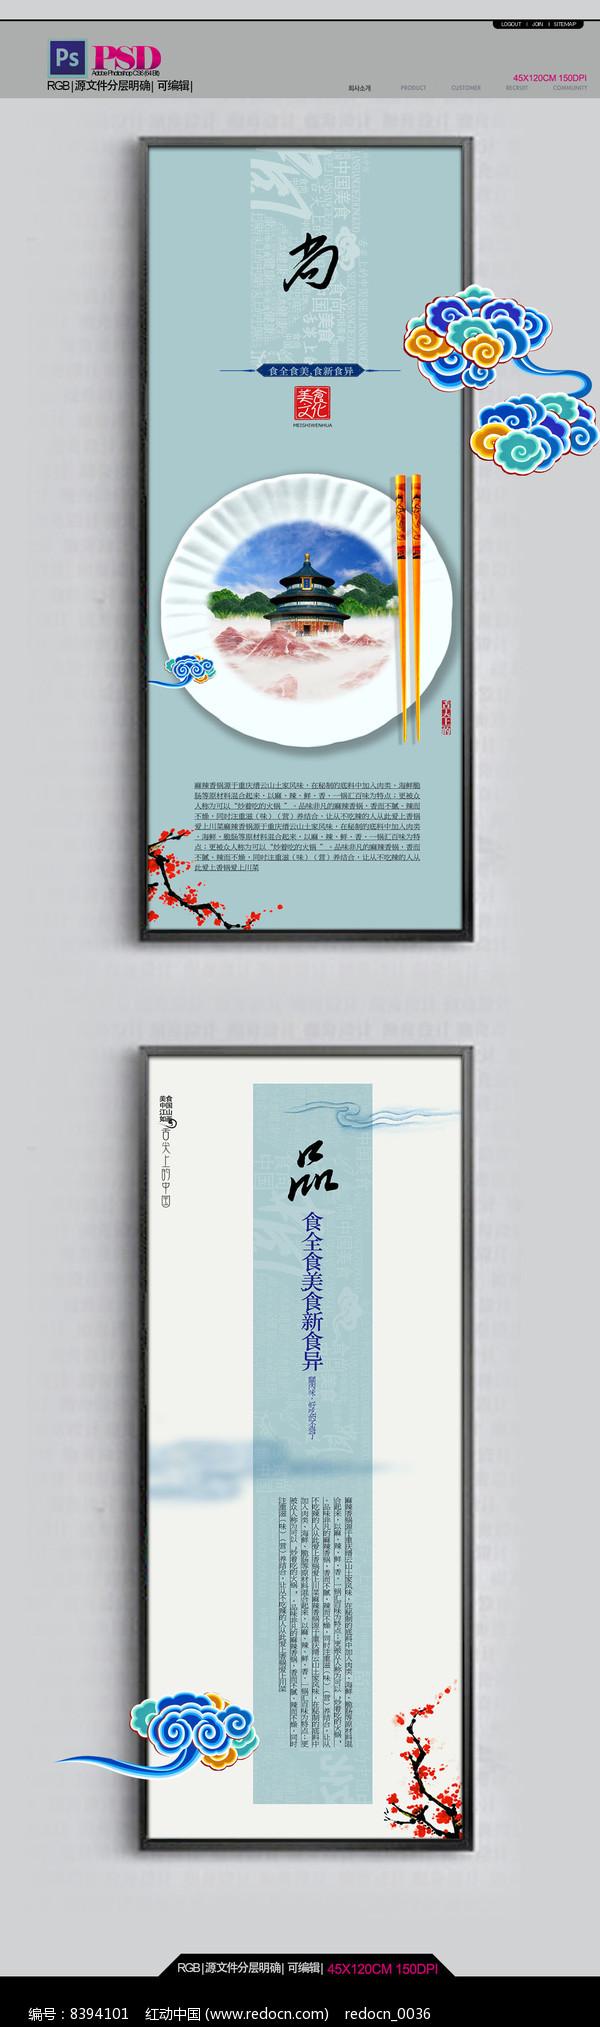 中国舌尖美食文化创意广告图片